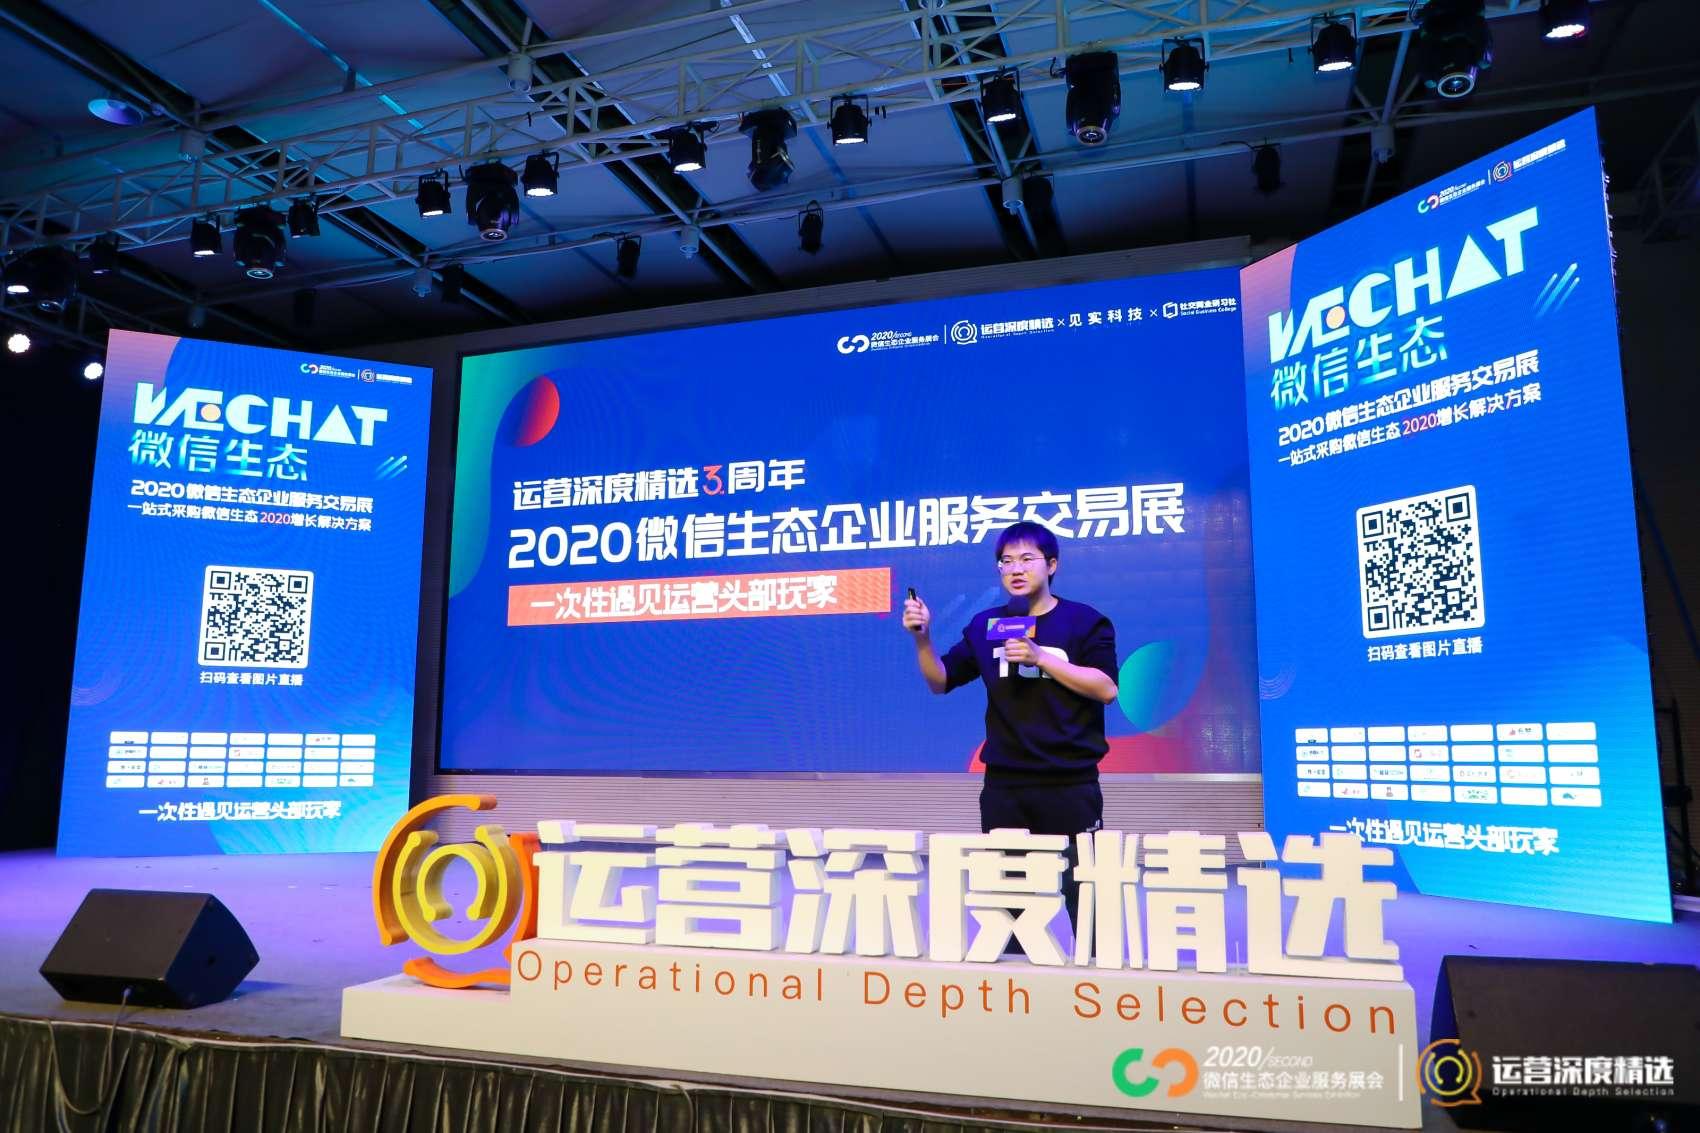 第二届参加2020微信生态企业服务展会——深圳场